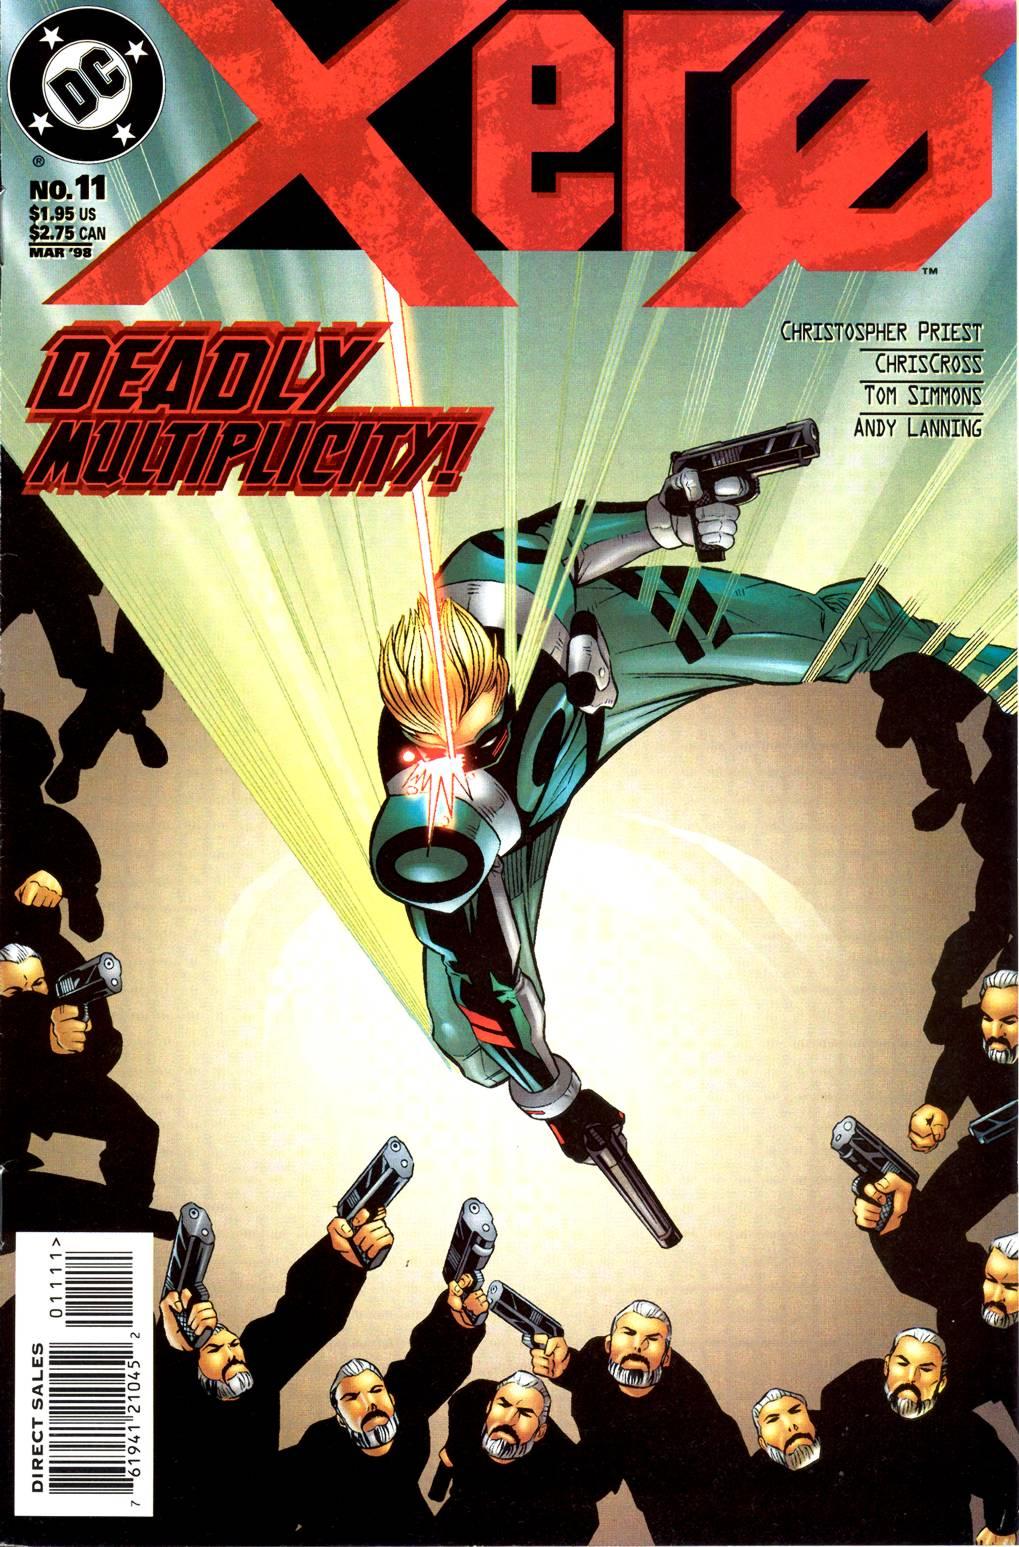 Read online Xero comic -  Issue #11 - 2